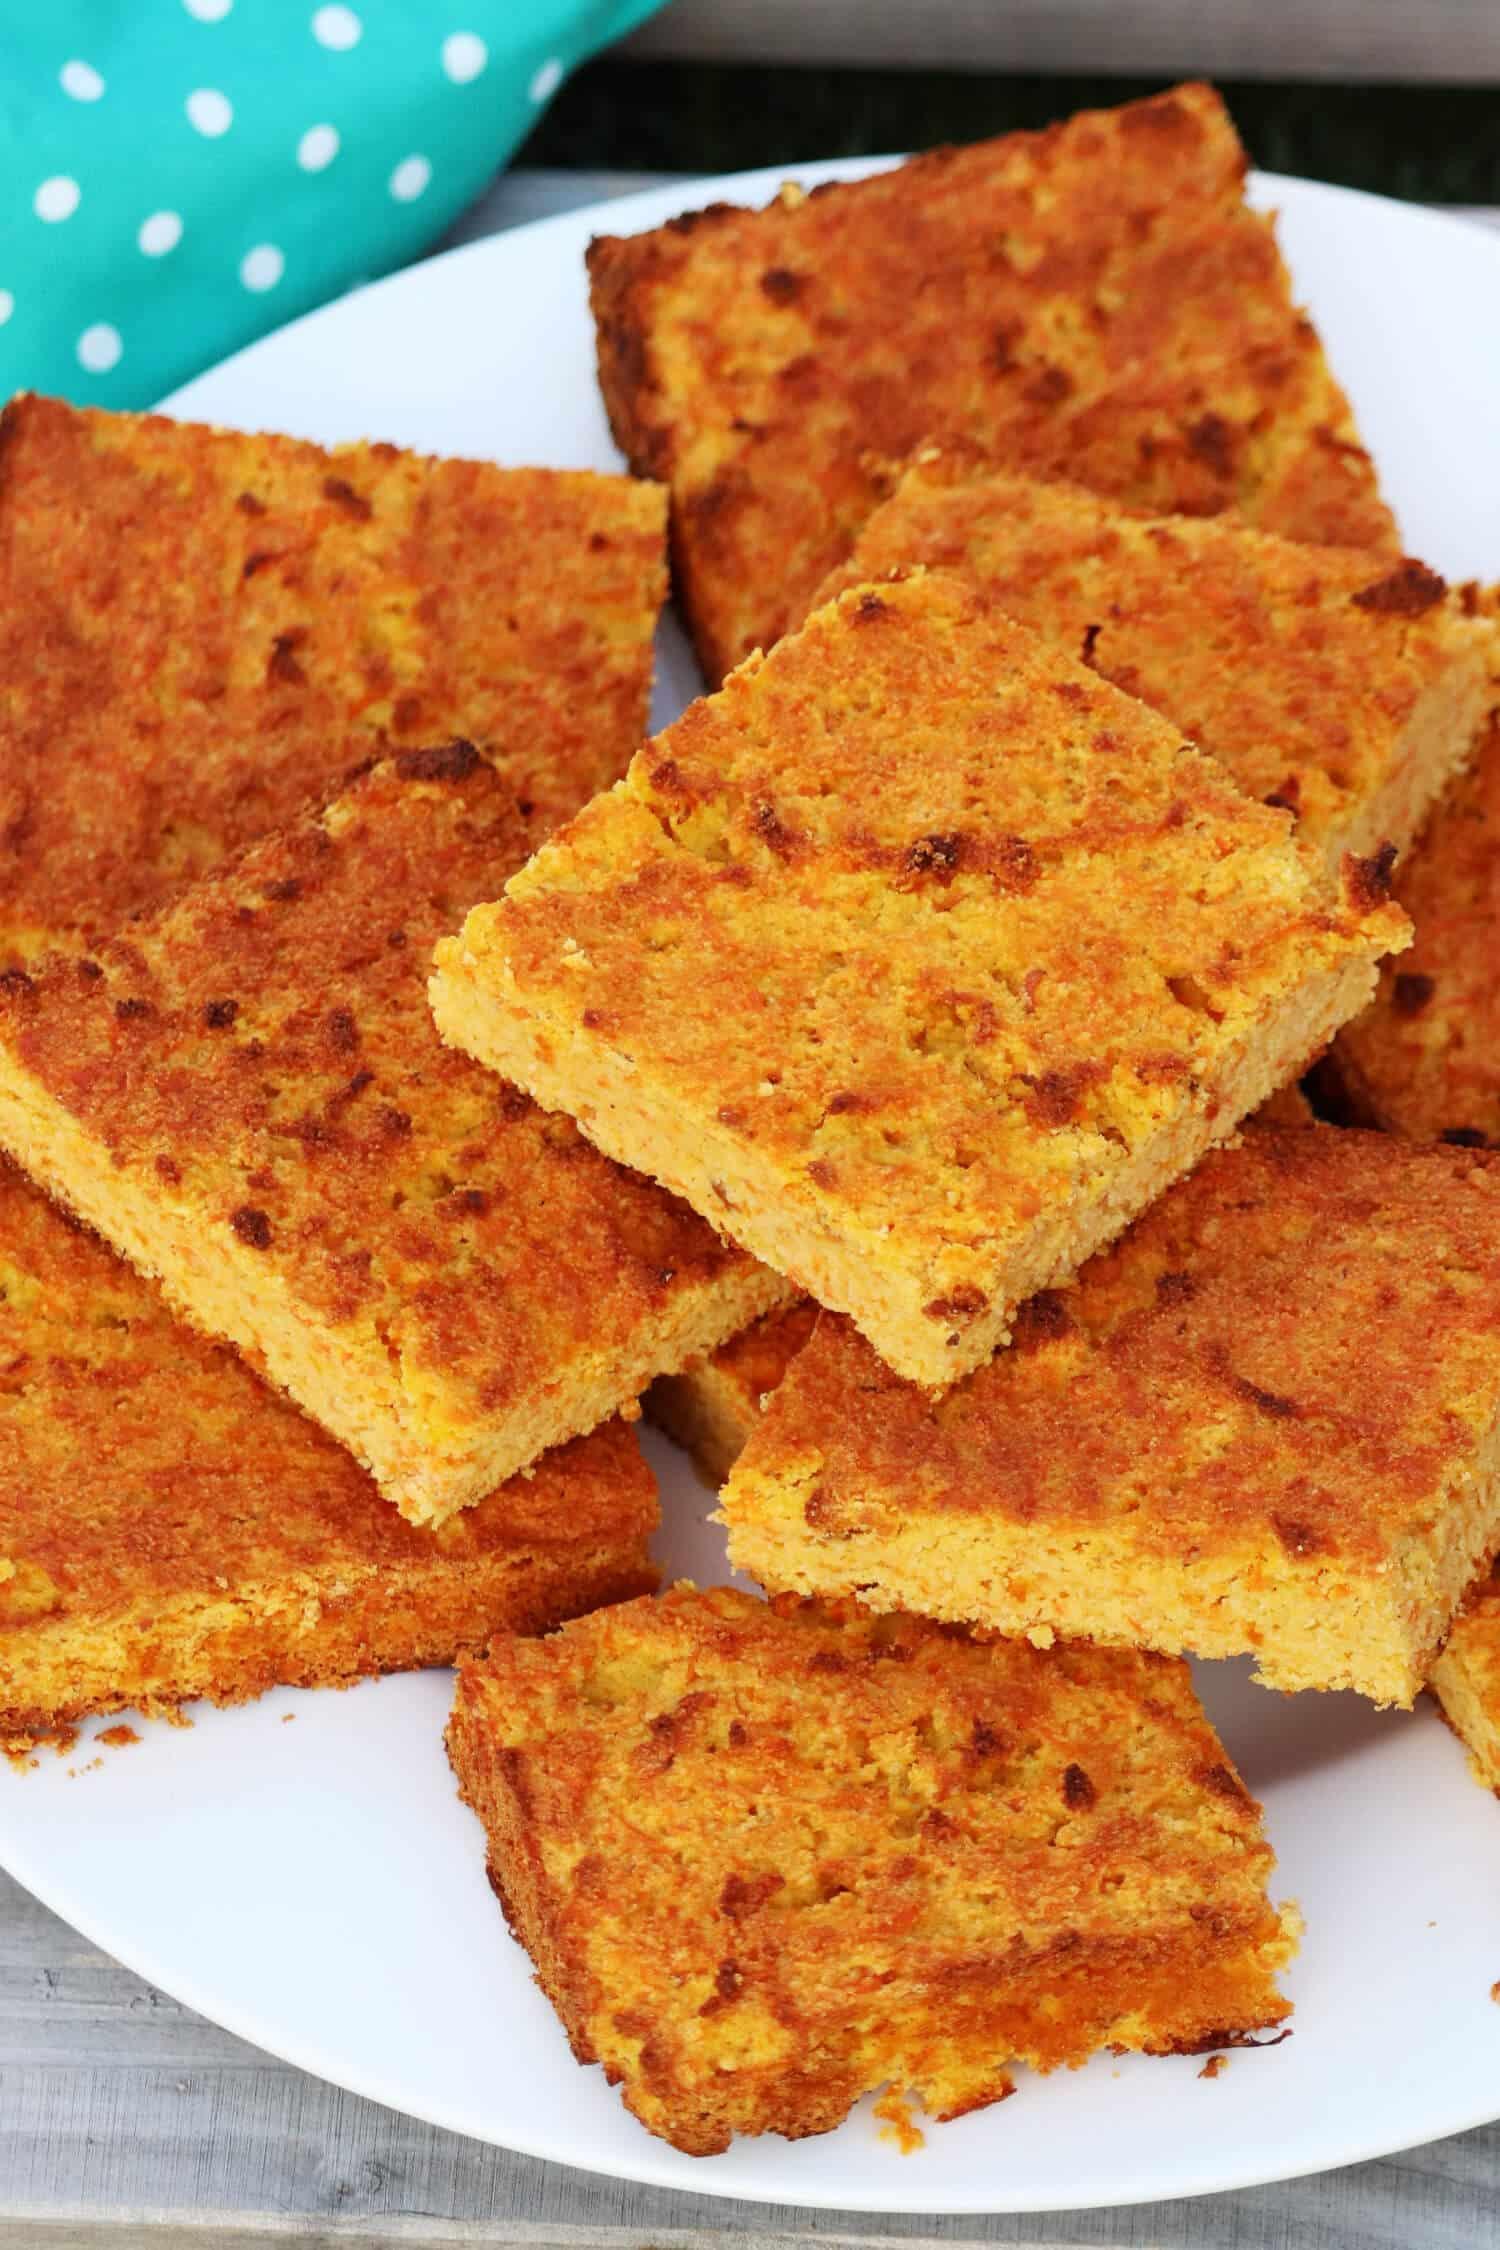 Low Carb Karottenkuchen, Rüblikuchen oder auch Möhrenkuchen backen! Dieser Low Carb Karottenkuchen vom Blech ist nicht nur super saftig, sondern du kannst ihn auch ganz einfach und schnell Backen. Ein wirklich leckeres Low Carb Kuchen Rezept ohne Zucker und ohne Mehl für Ostern.